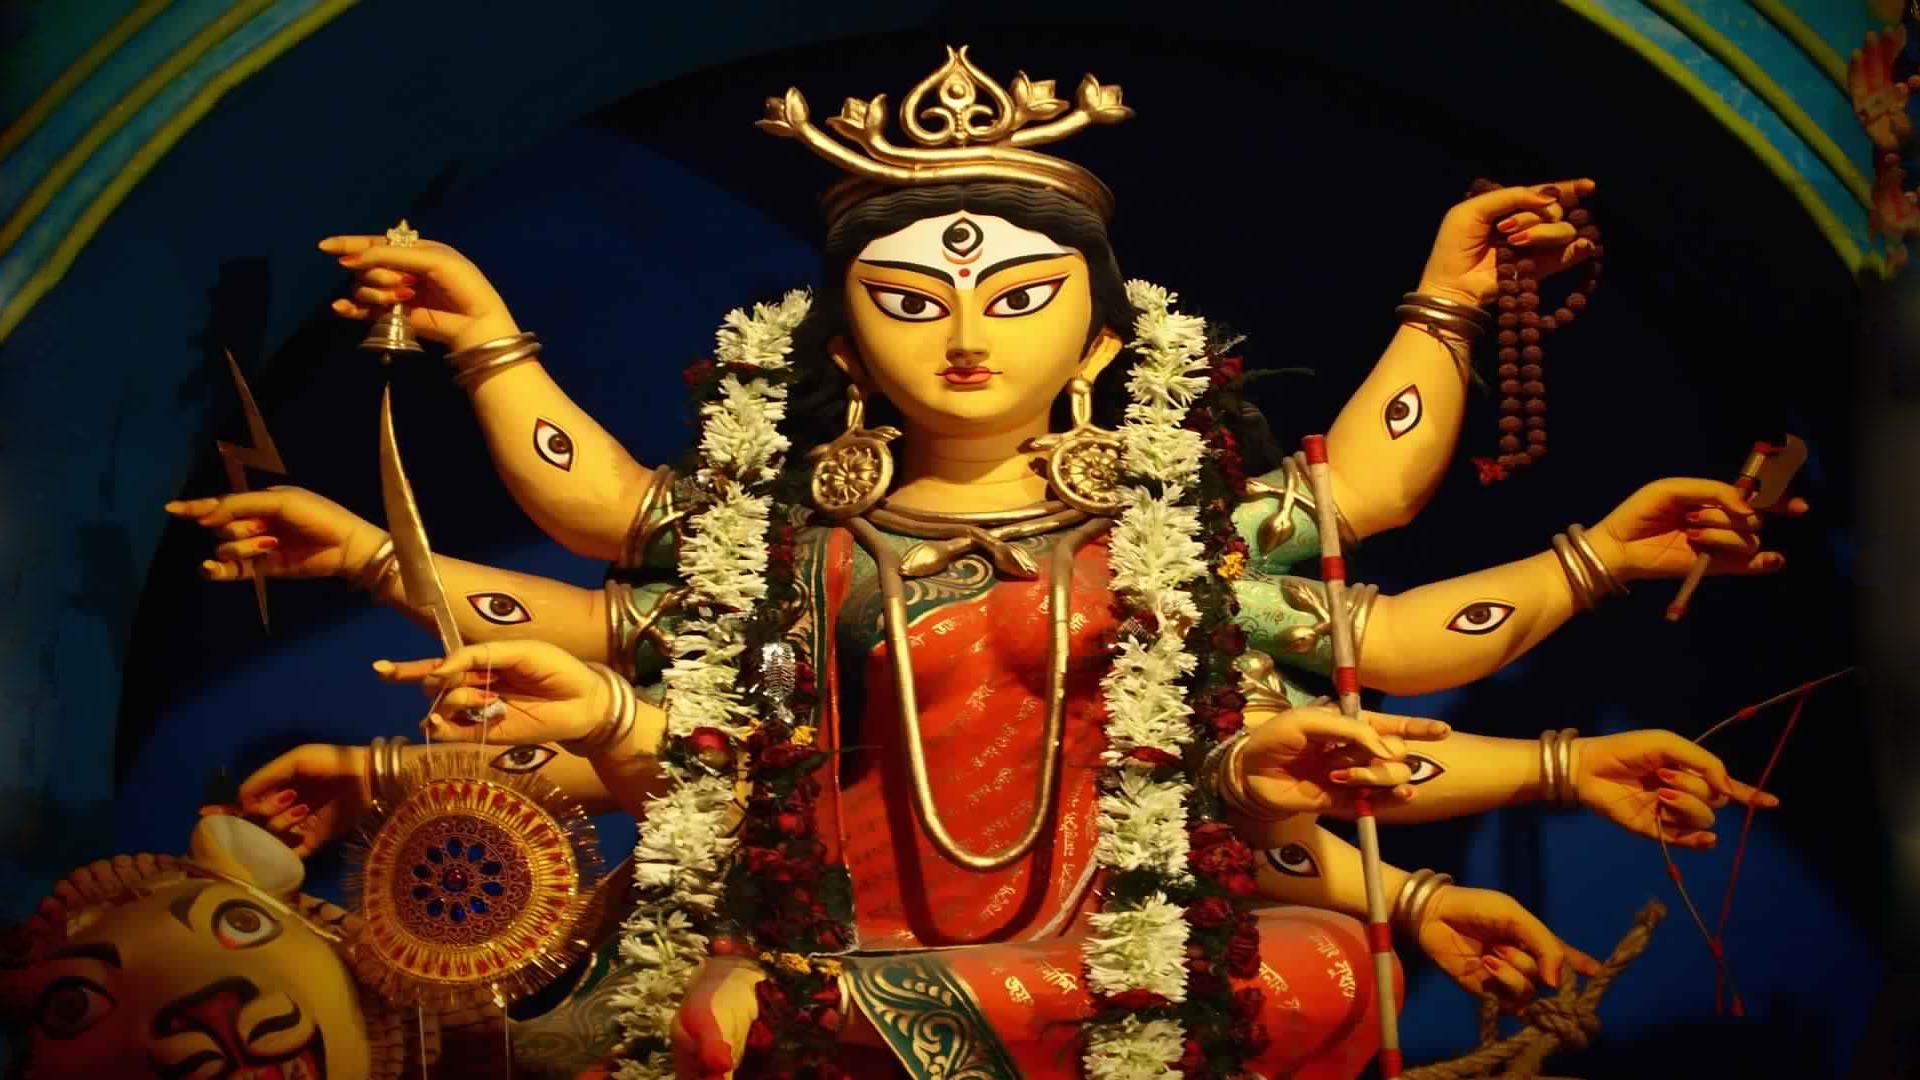 Maa Durga Unique Photo